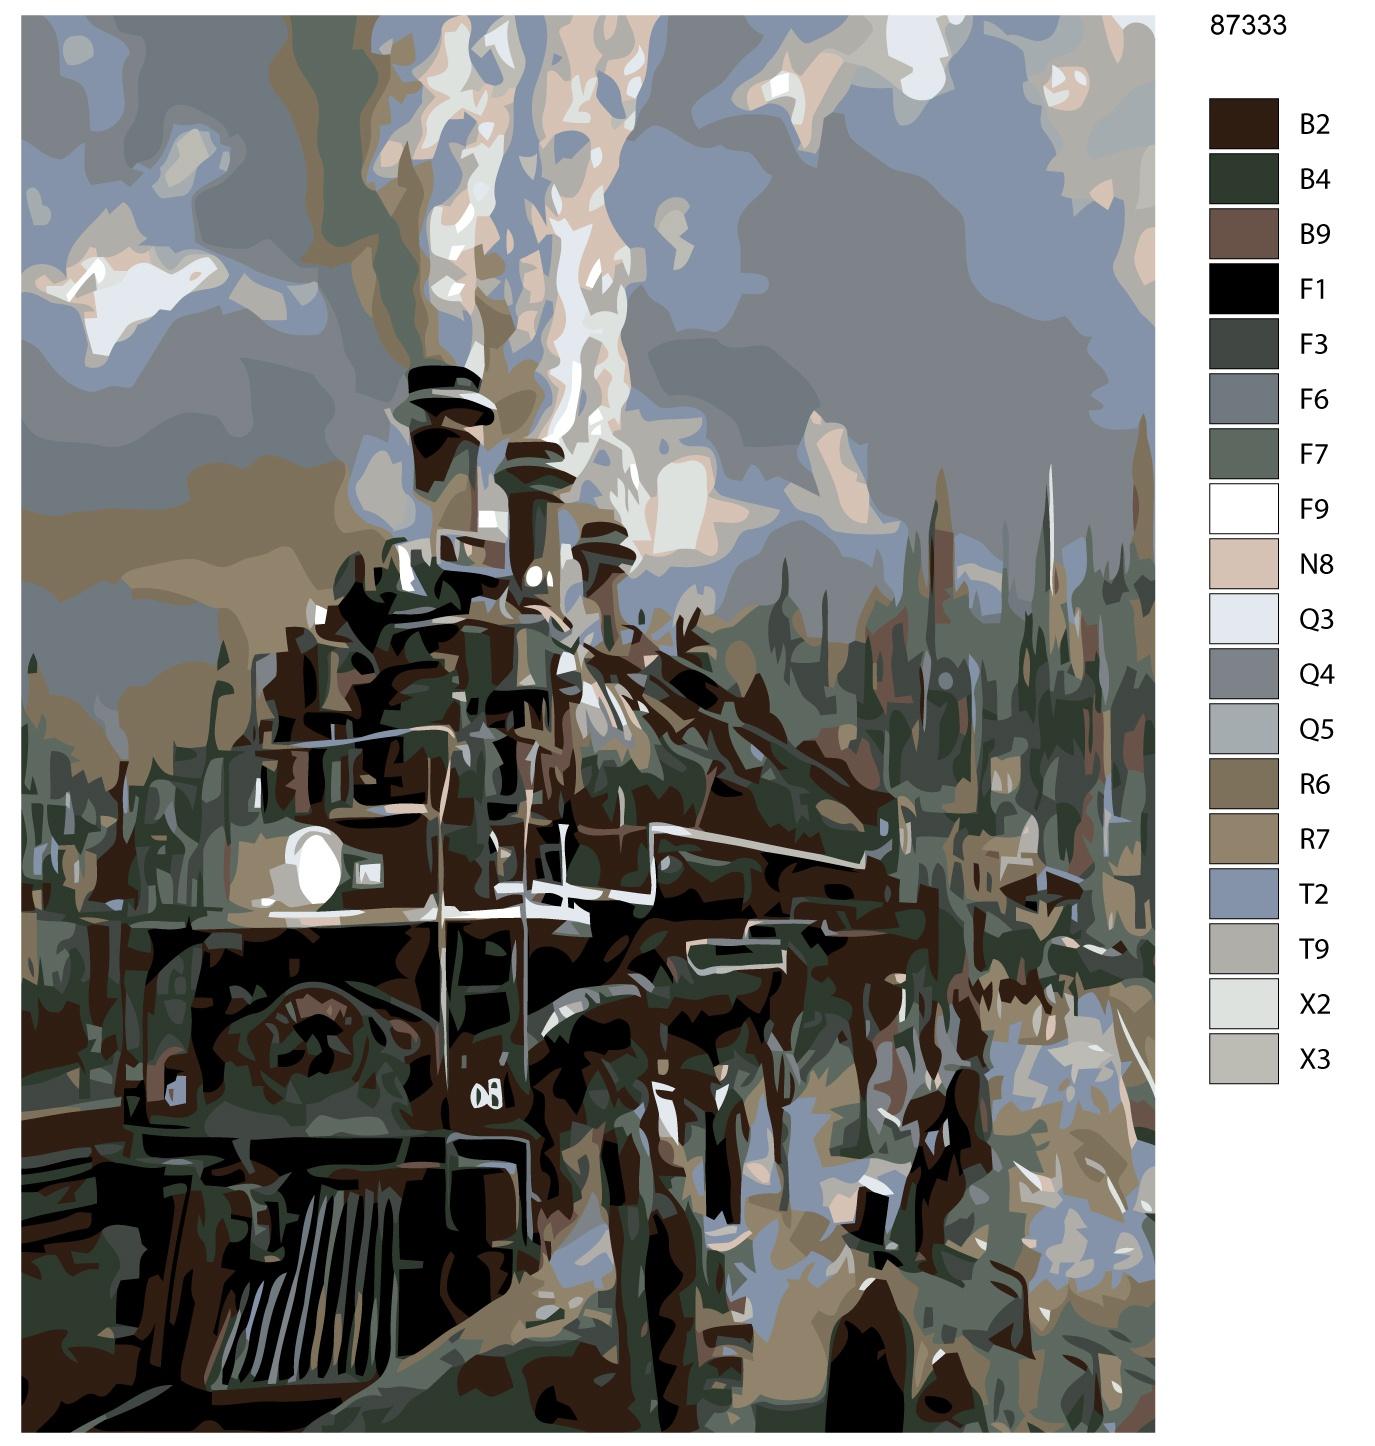 Набор для создания картины Живопись по номерам KTMK-87333KTMK-87333Количество красок от 18 до 24. Картина раскрашивается без смешивания красок. Высококачественные акриловые краски собственного производства сделают вашу картину яркой и уникальной. Все необходимые материалы есть в комплекте: натуральный хлопковый холст, натянутый на деревянный подрамник, баночки с акриловыми красками на водной основе, 3 кисти из качественного нейлона, схема раскрашивания, инструкция. Просто закрашивайте участки красками с соответствующим номером.